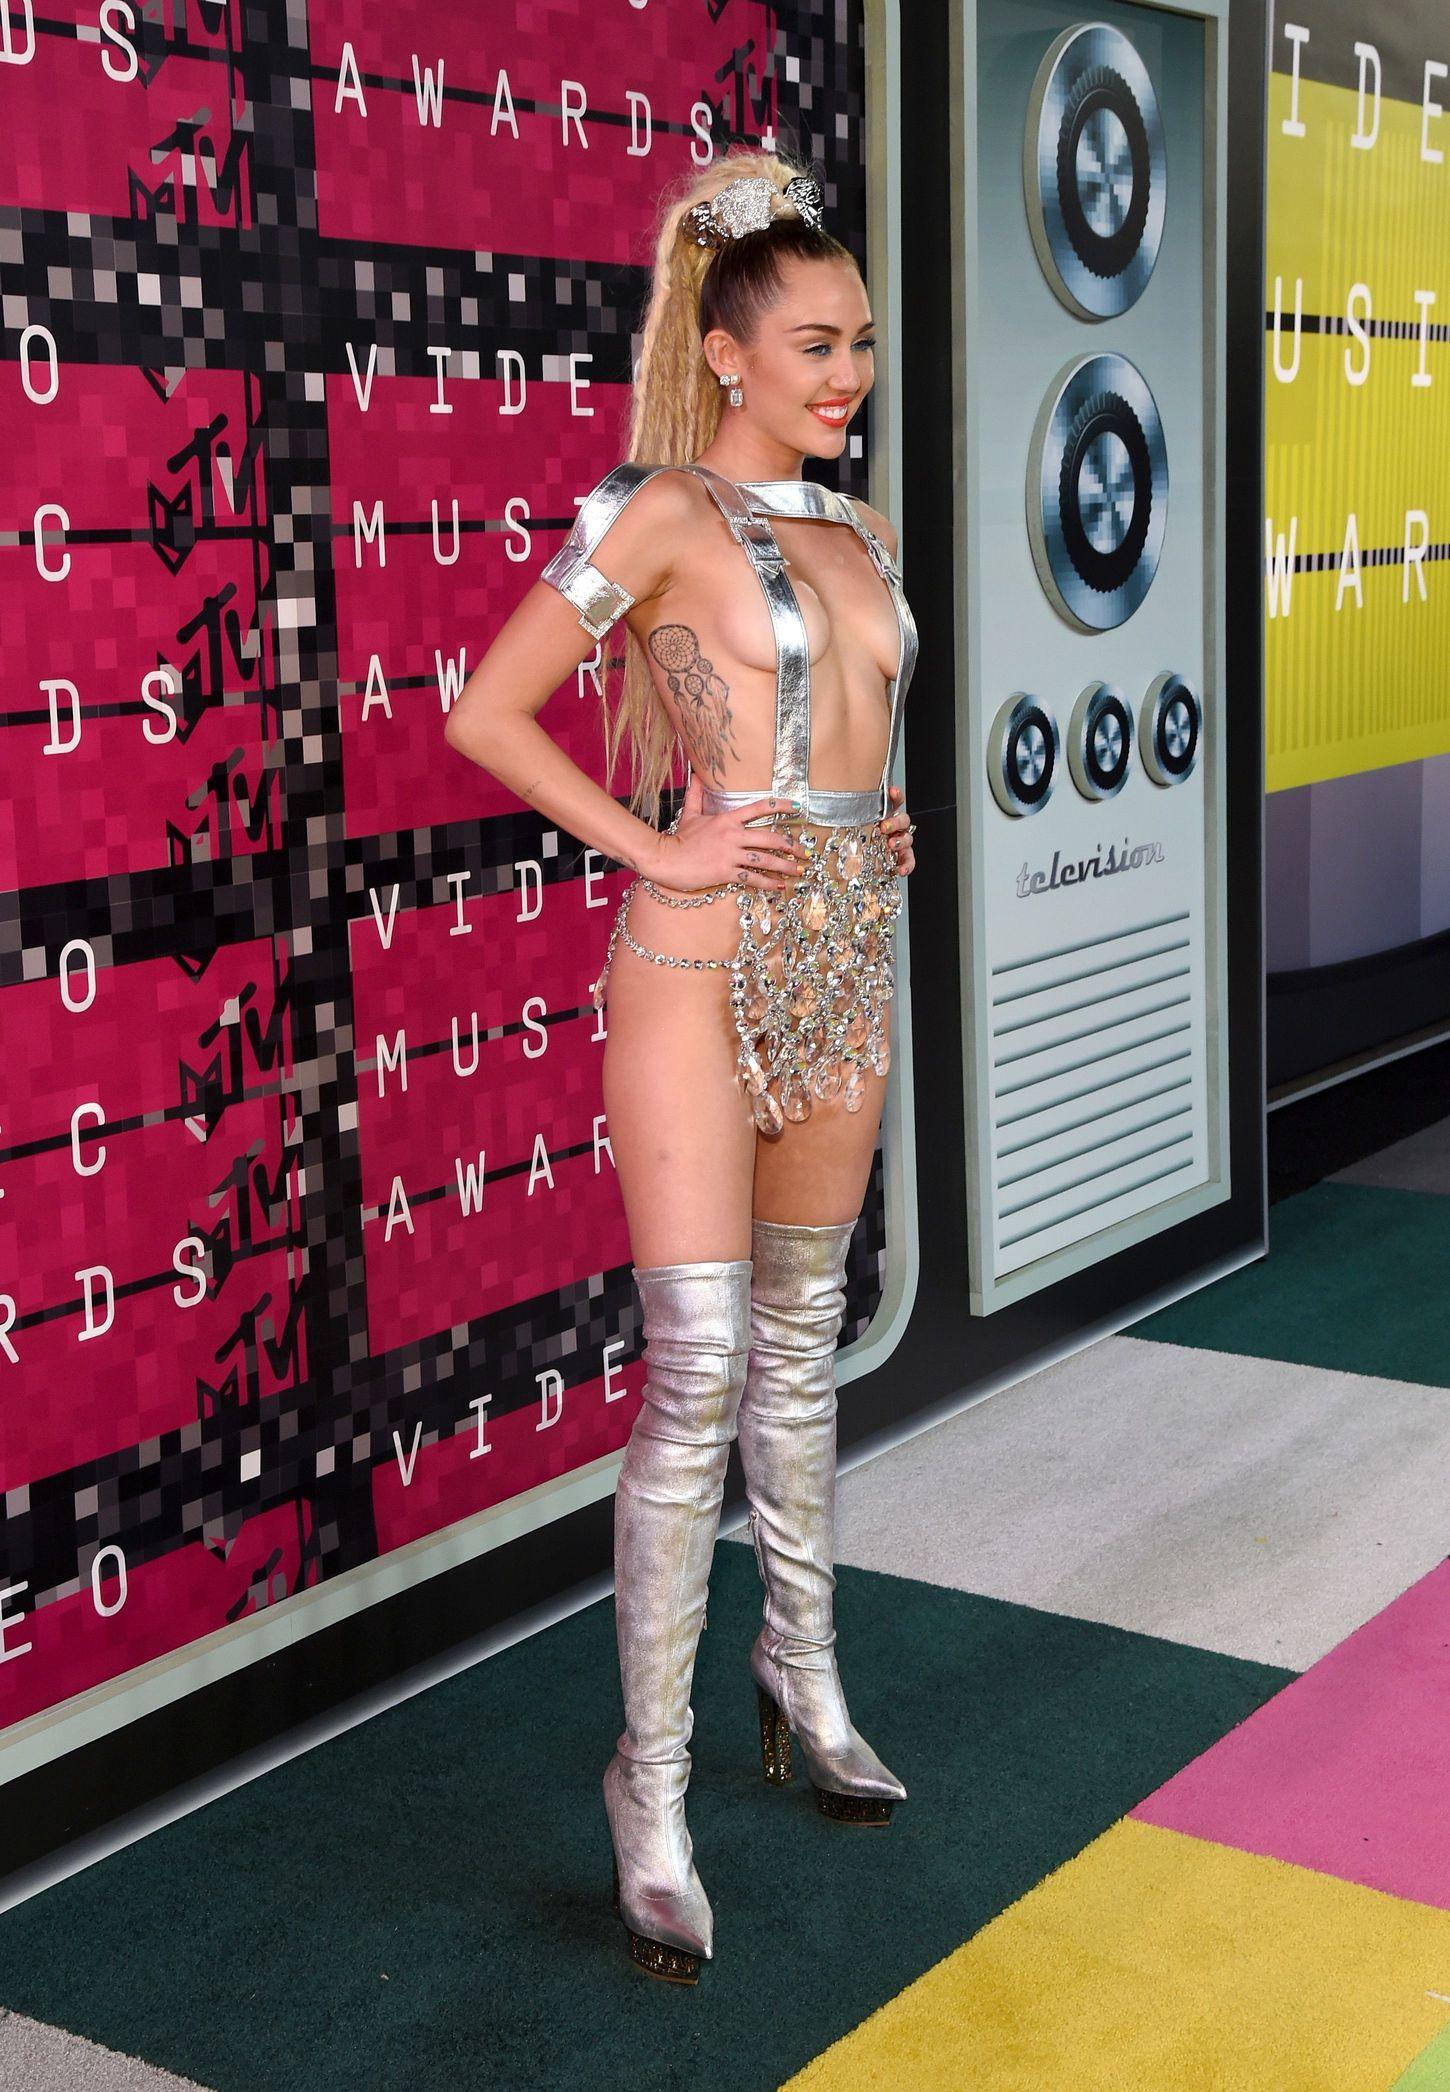 Miley-Cyrus-Sexy-112